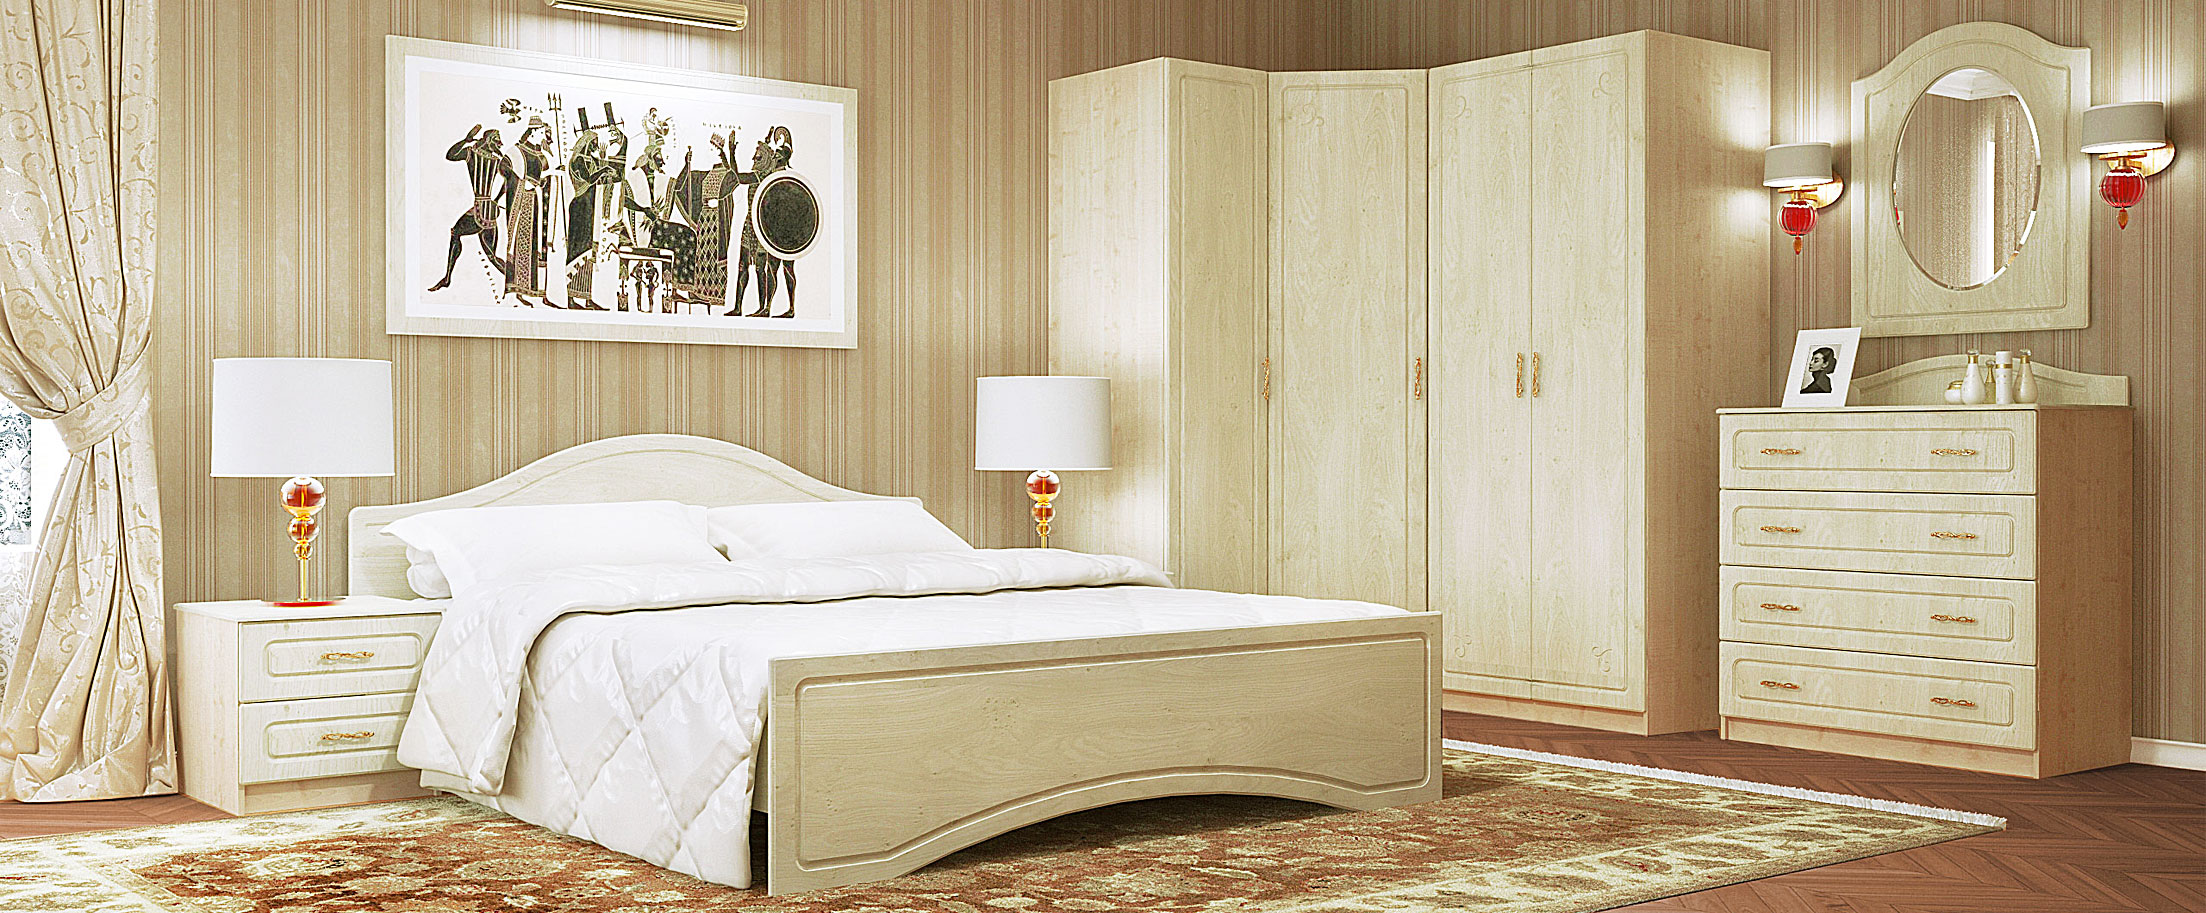 Кровать Афина-4 Модель 505Кровать Афина-4 Модель 505 артикул Д000260<br><br>Ширина см: 165<br>Глубина см: 208<br>Высота см: 90<br>Ширина спального места см: 160<br>Длина спального места см: 200<br>Цвет: Клен, Мрамор<br>Встроенное основание: Нет<br>Бренд: Другие